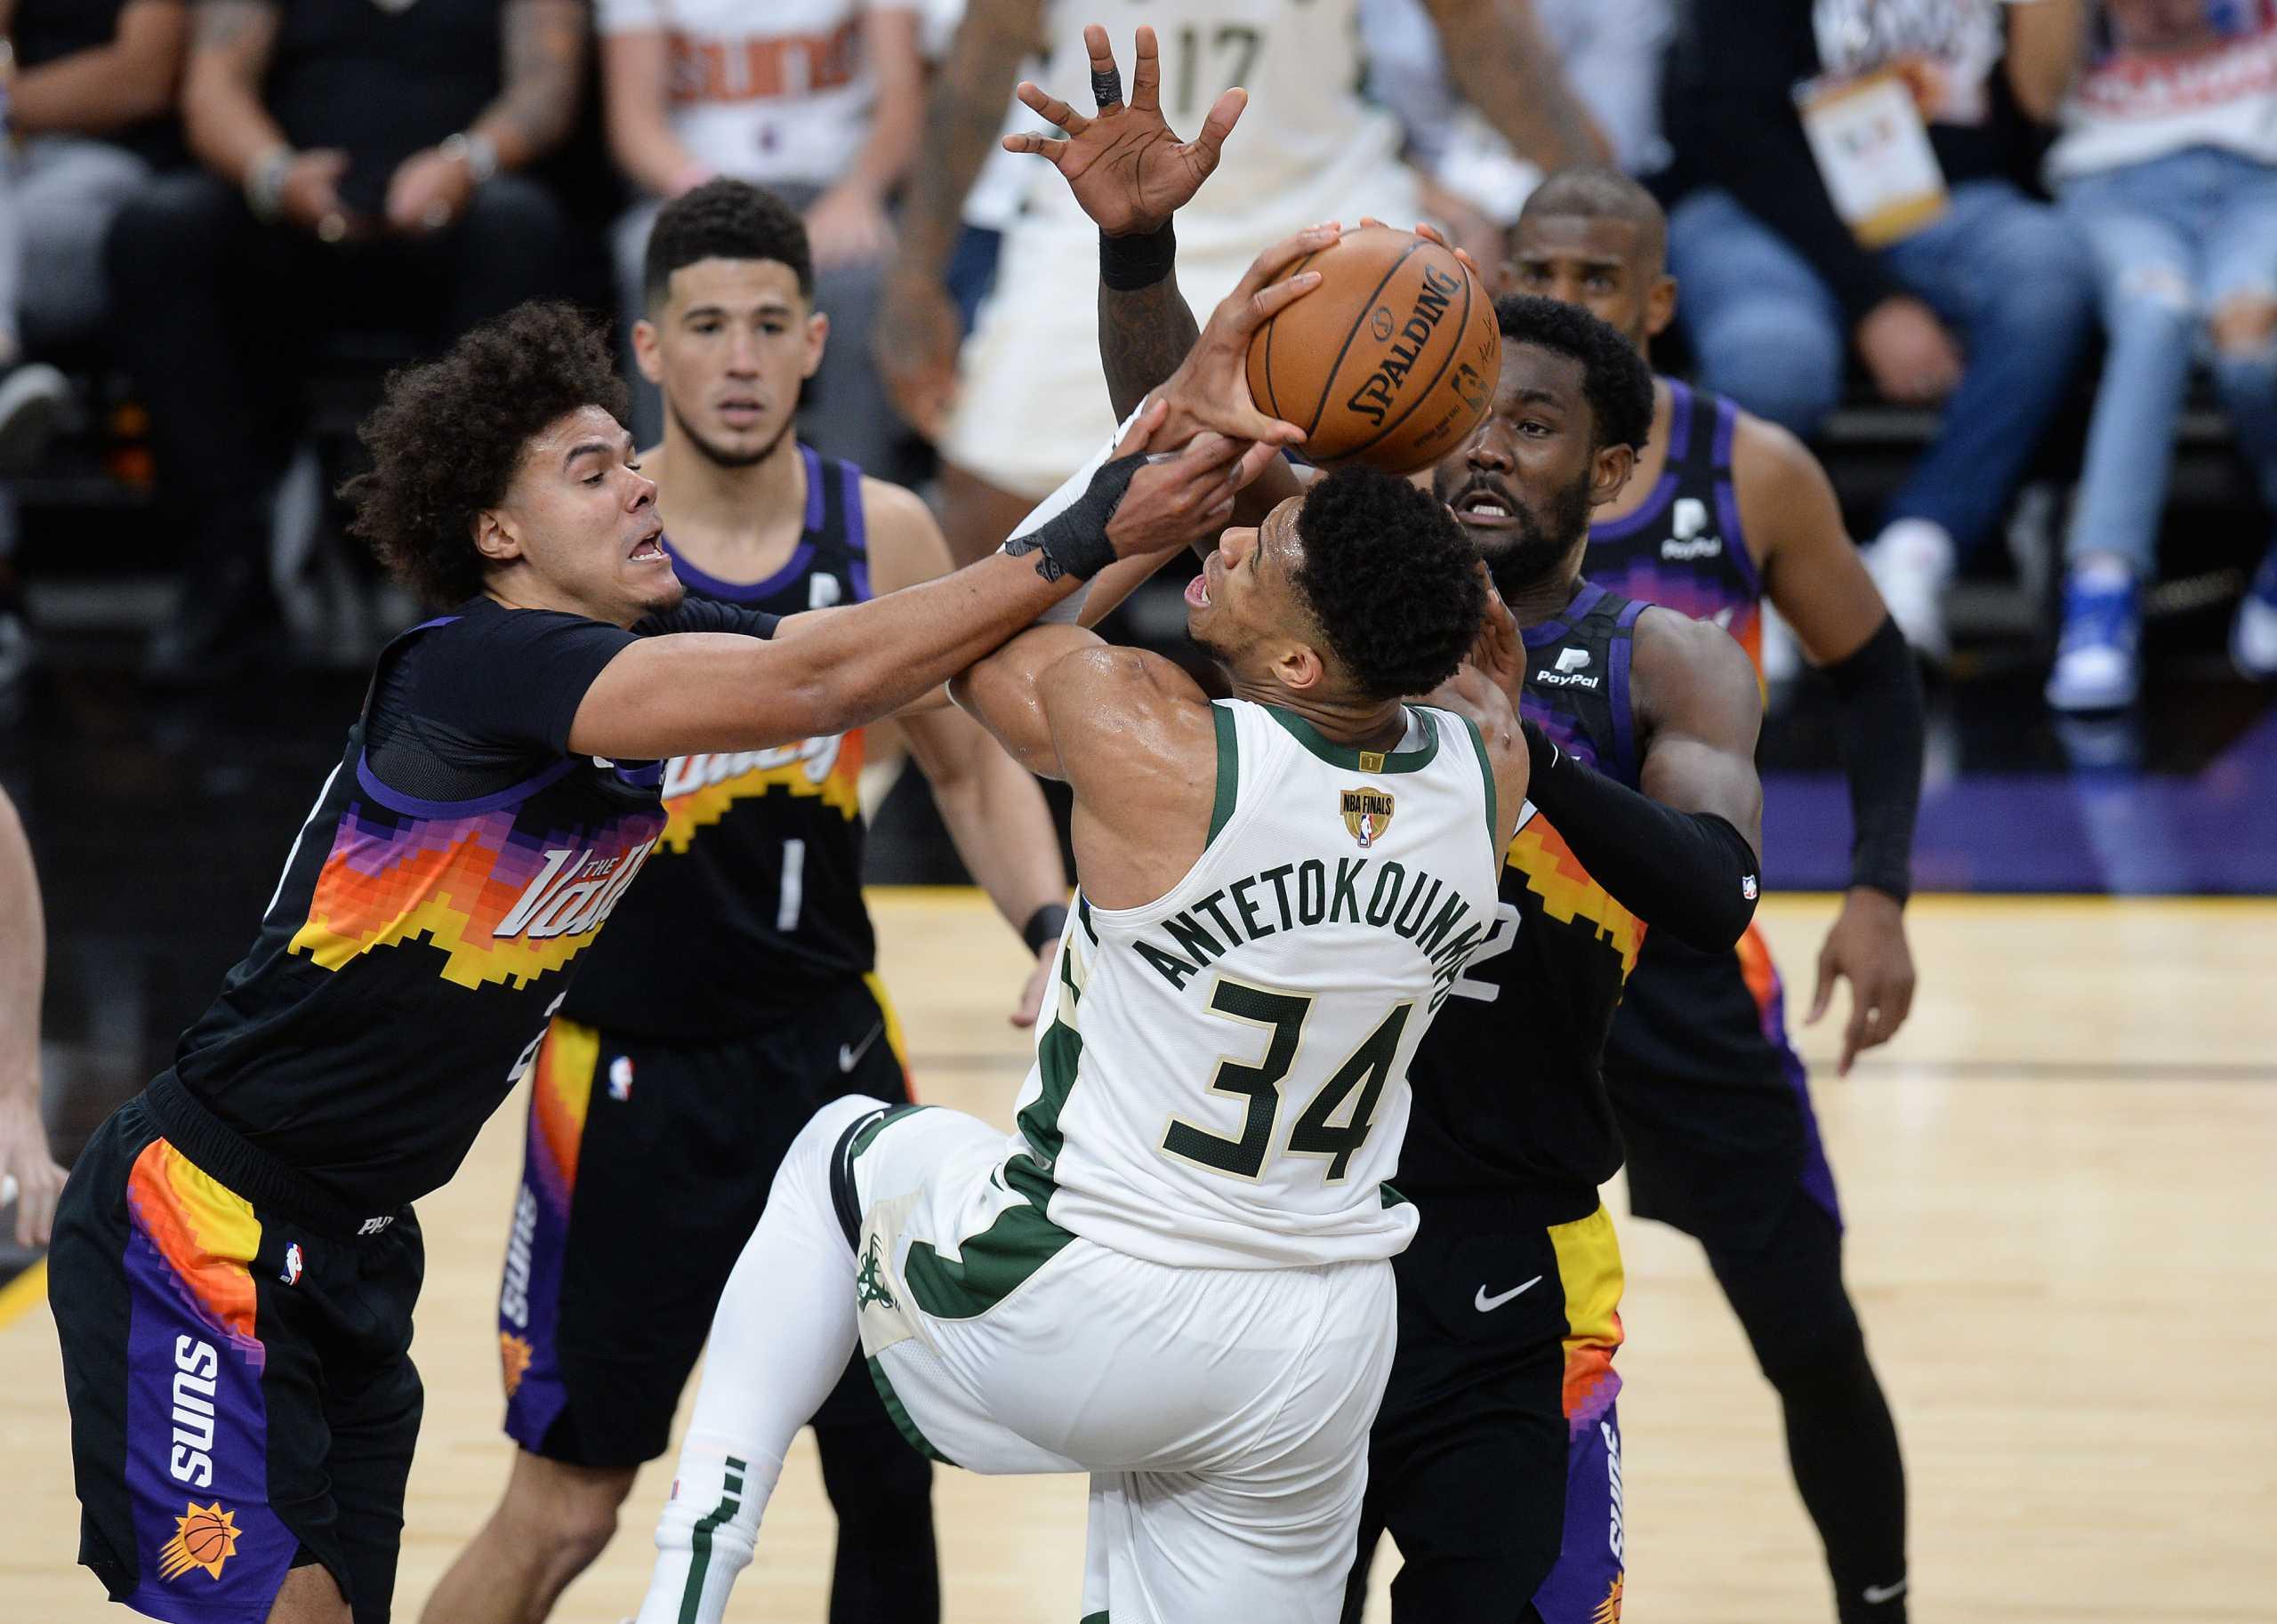 Αντετοκούνμπο: Έτσι αγωνίστηκε στον πρώτο τελικό του NBA